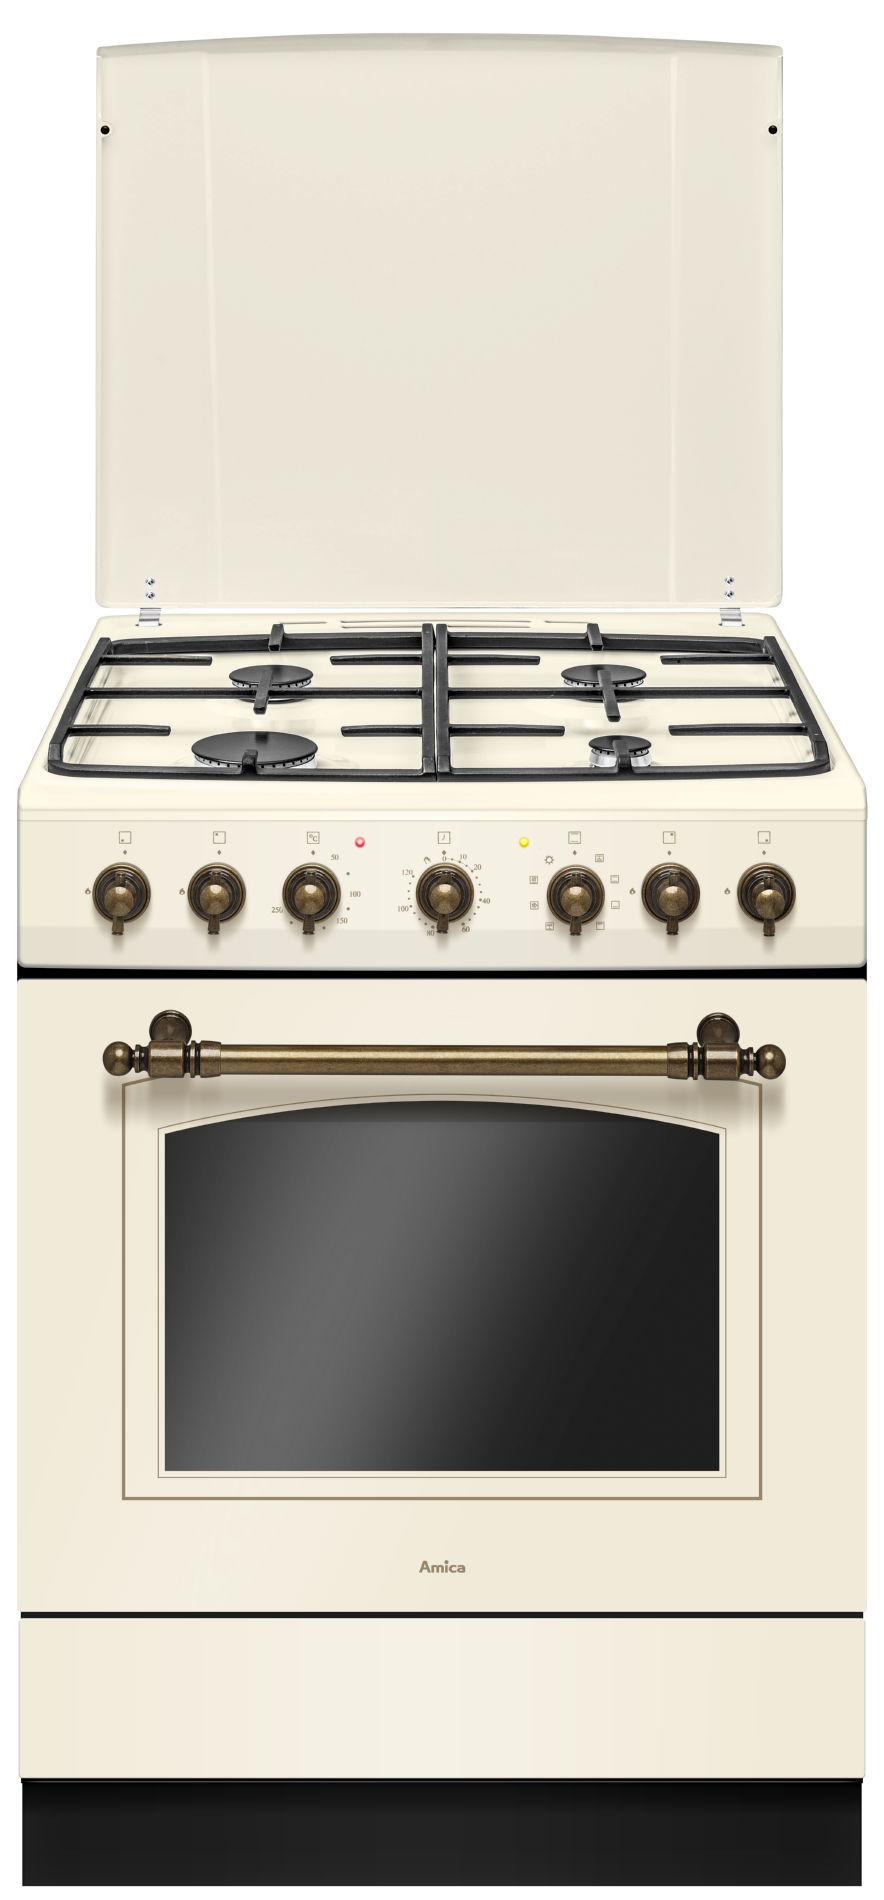 Kuchnia wolnostojąca gazowo elektryczna Amica RETRO 621GE2   -> Kuchnia Retro Amica